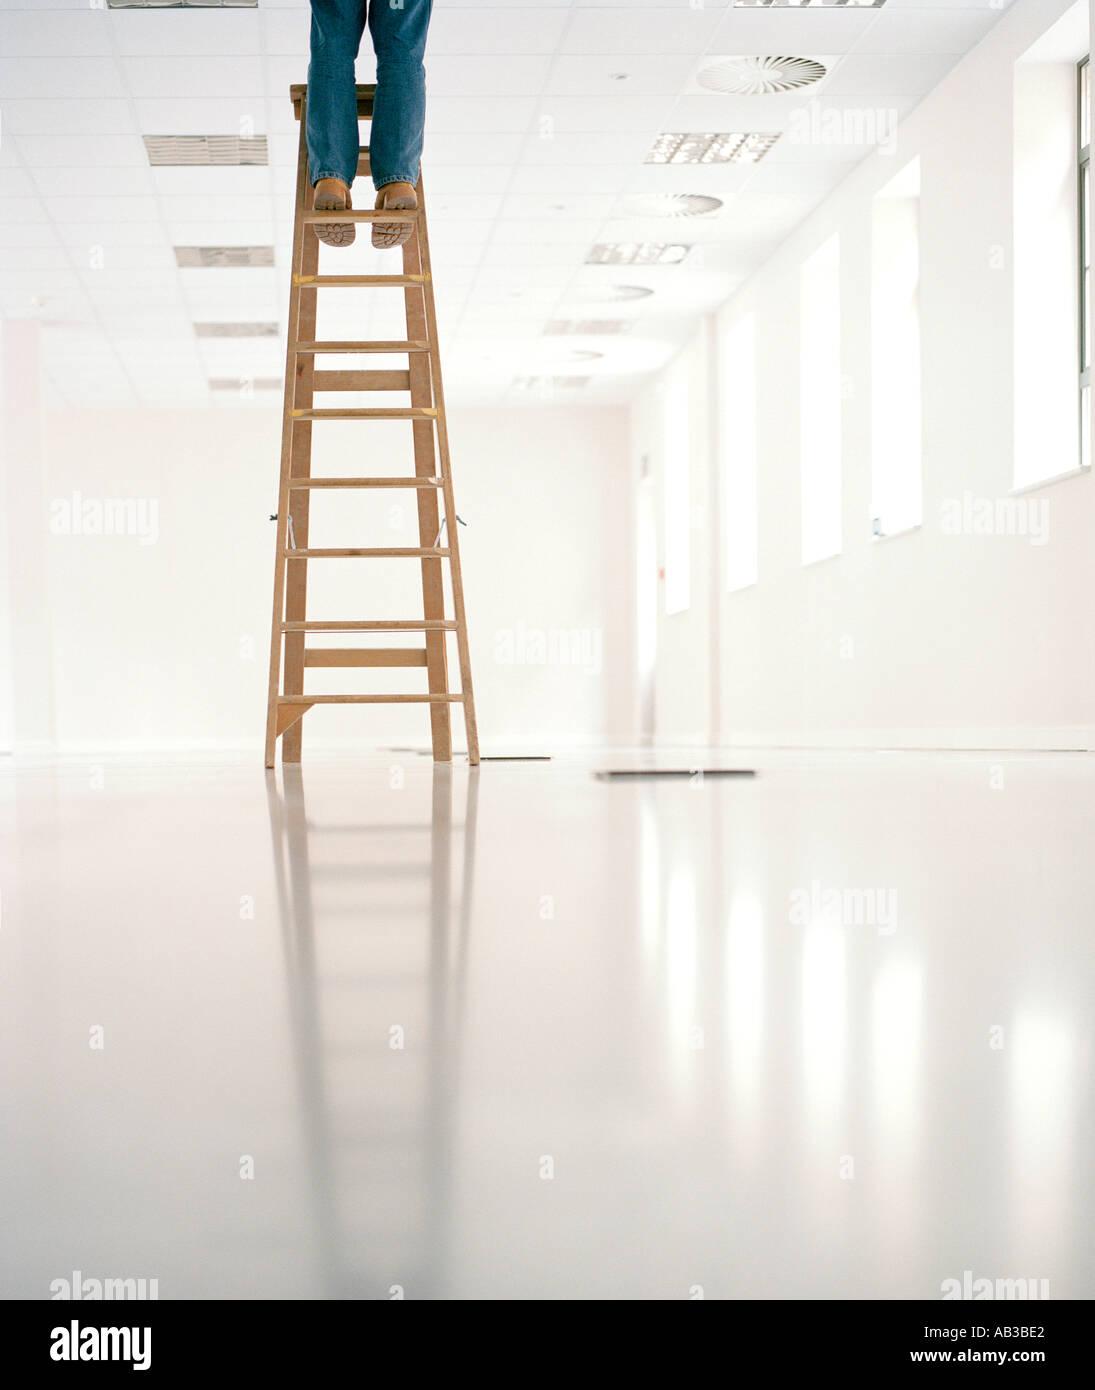 Mann stand am Anfang von Leiter in leeres Büro Stockbild